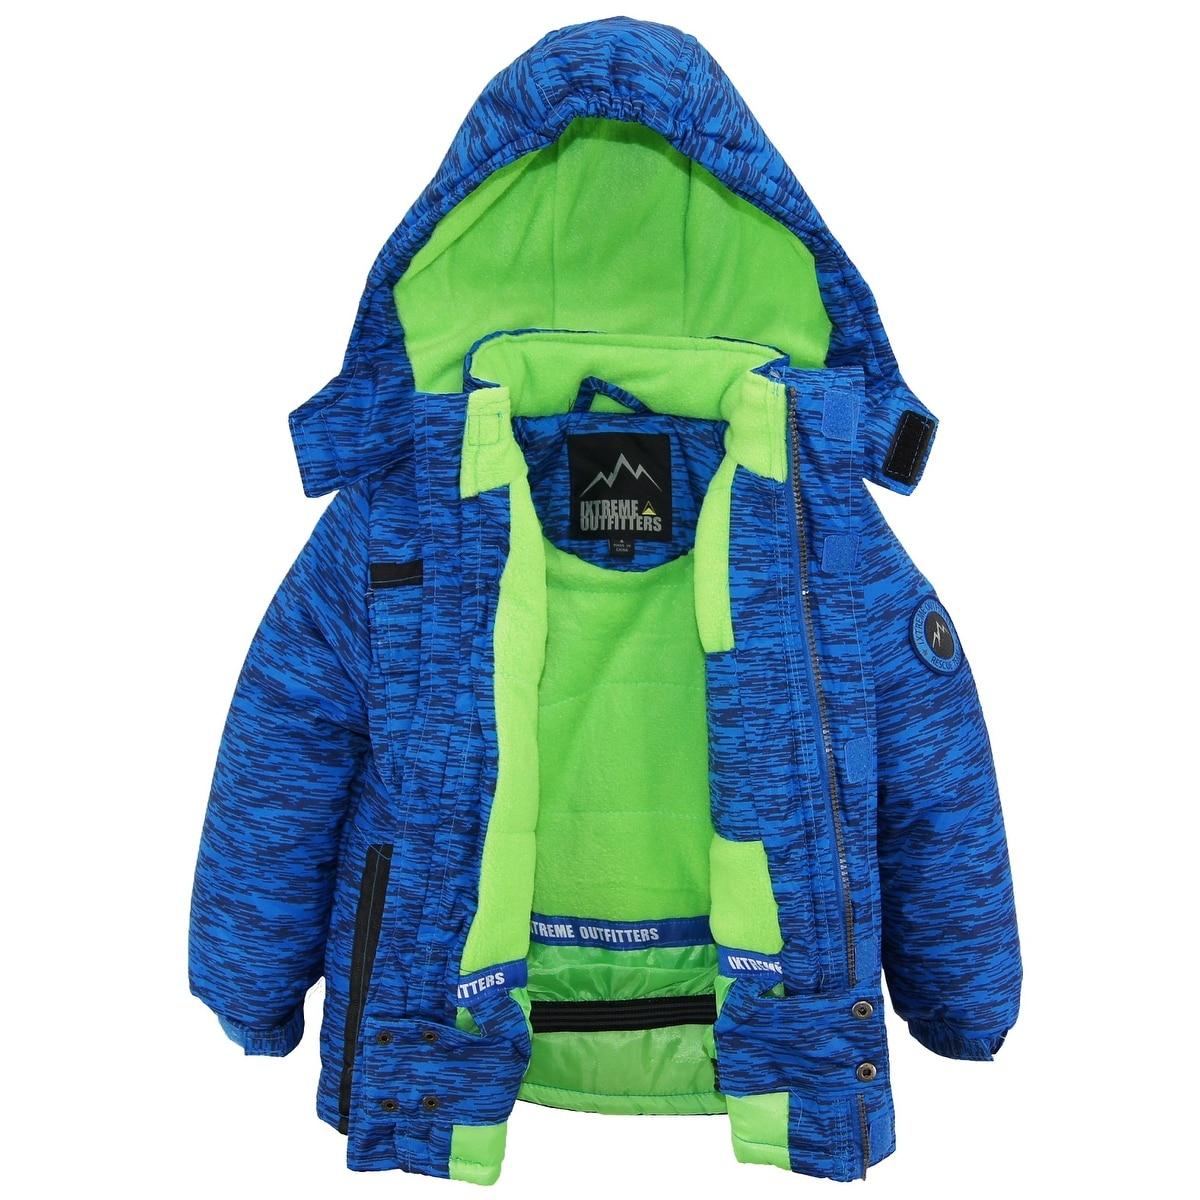 40dc67842 Shop Ixtreme Toddler Boys Colorblock Heavy Snowsuit Winter Ski ...